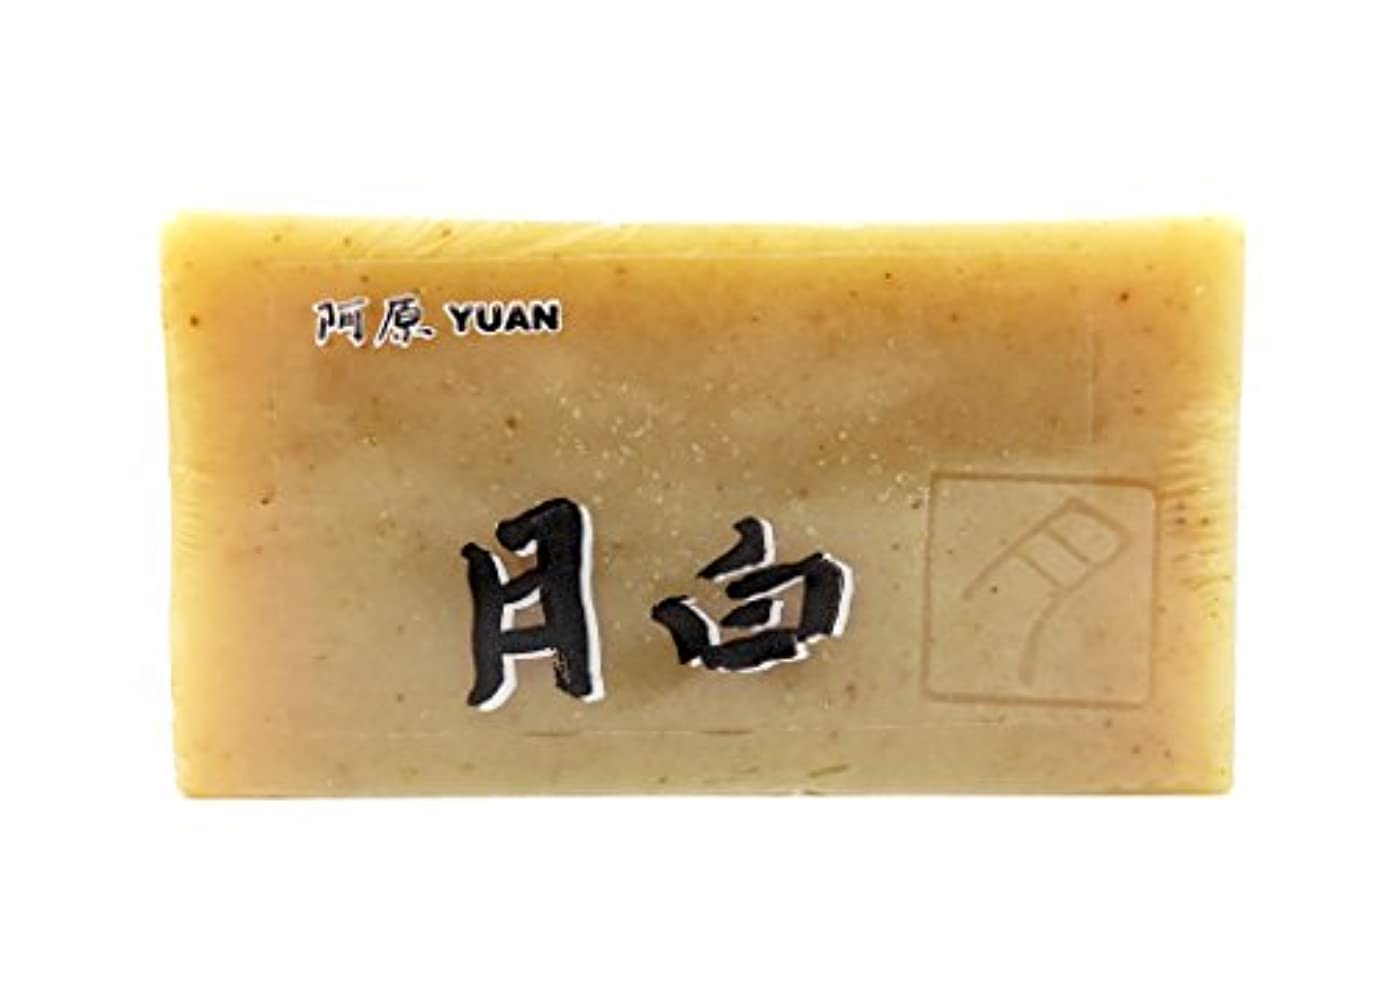 ぬれた国家植物学者ユアン(YUAN) 白月(しらつき)ソープ 固形 100g (阿原 ユアンソープ)